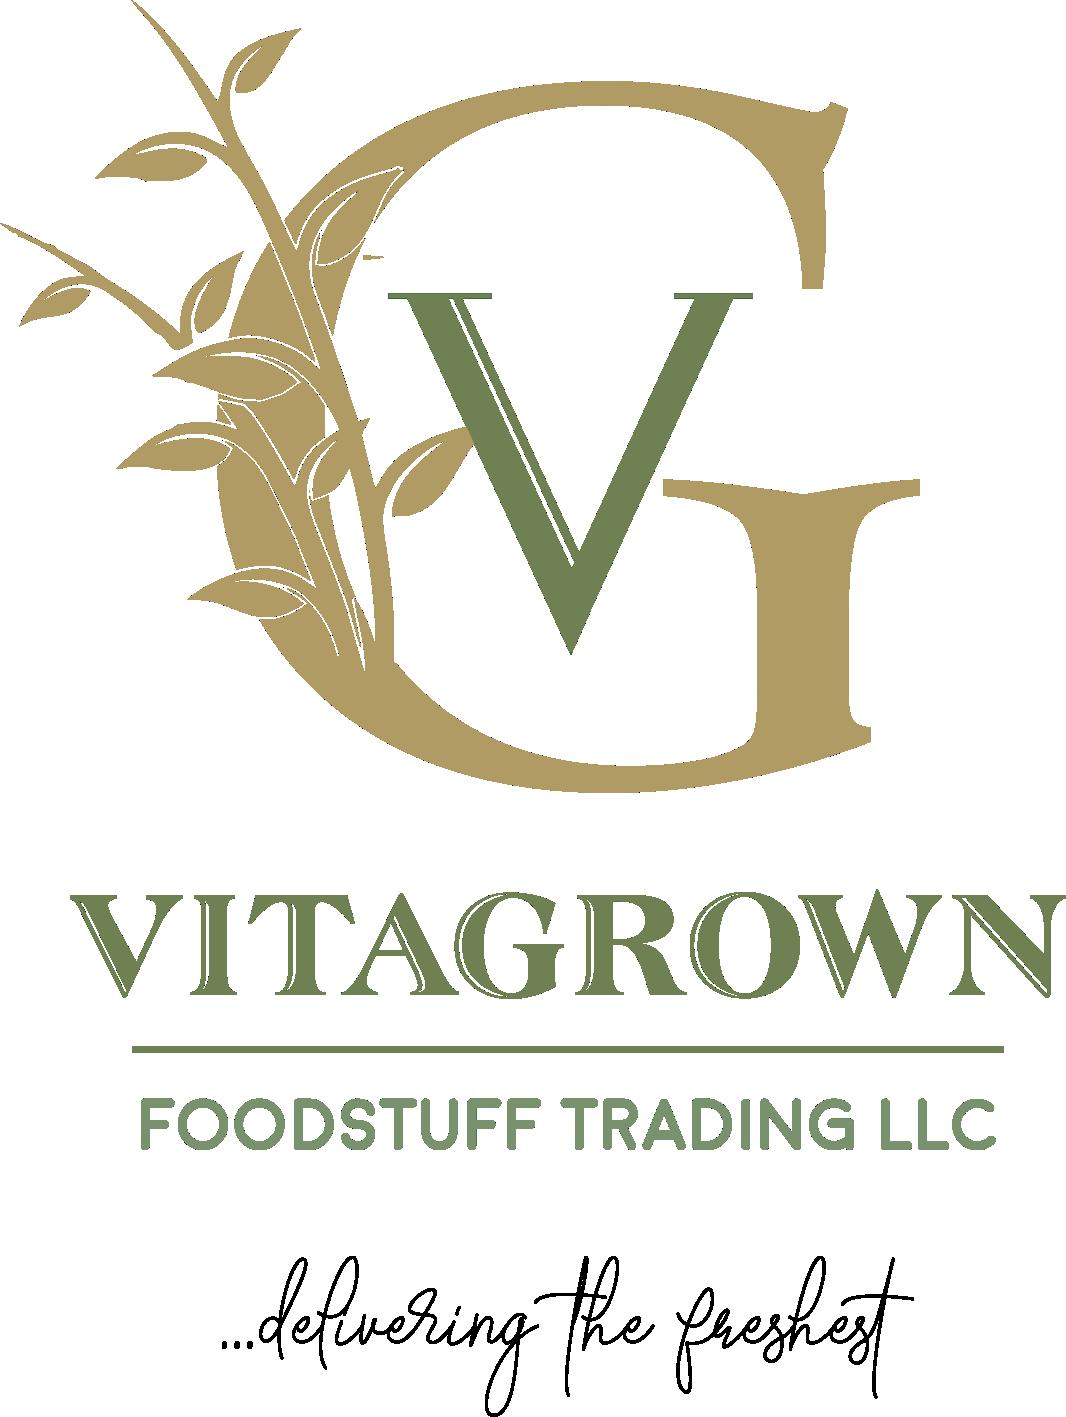 Vitagrown logo